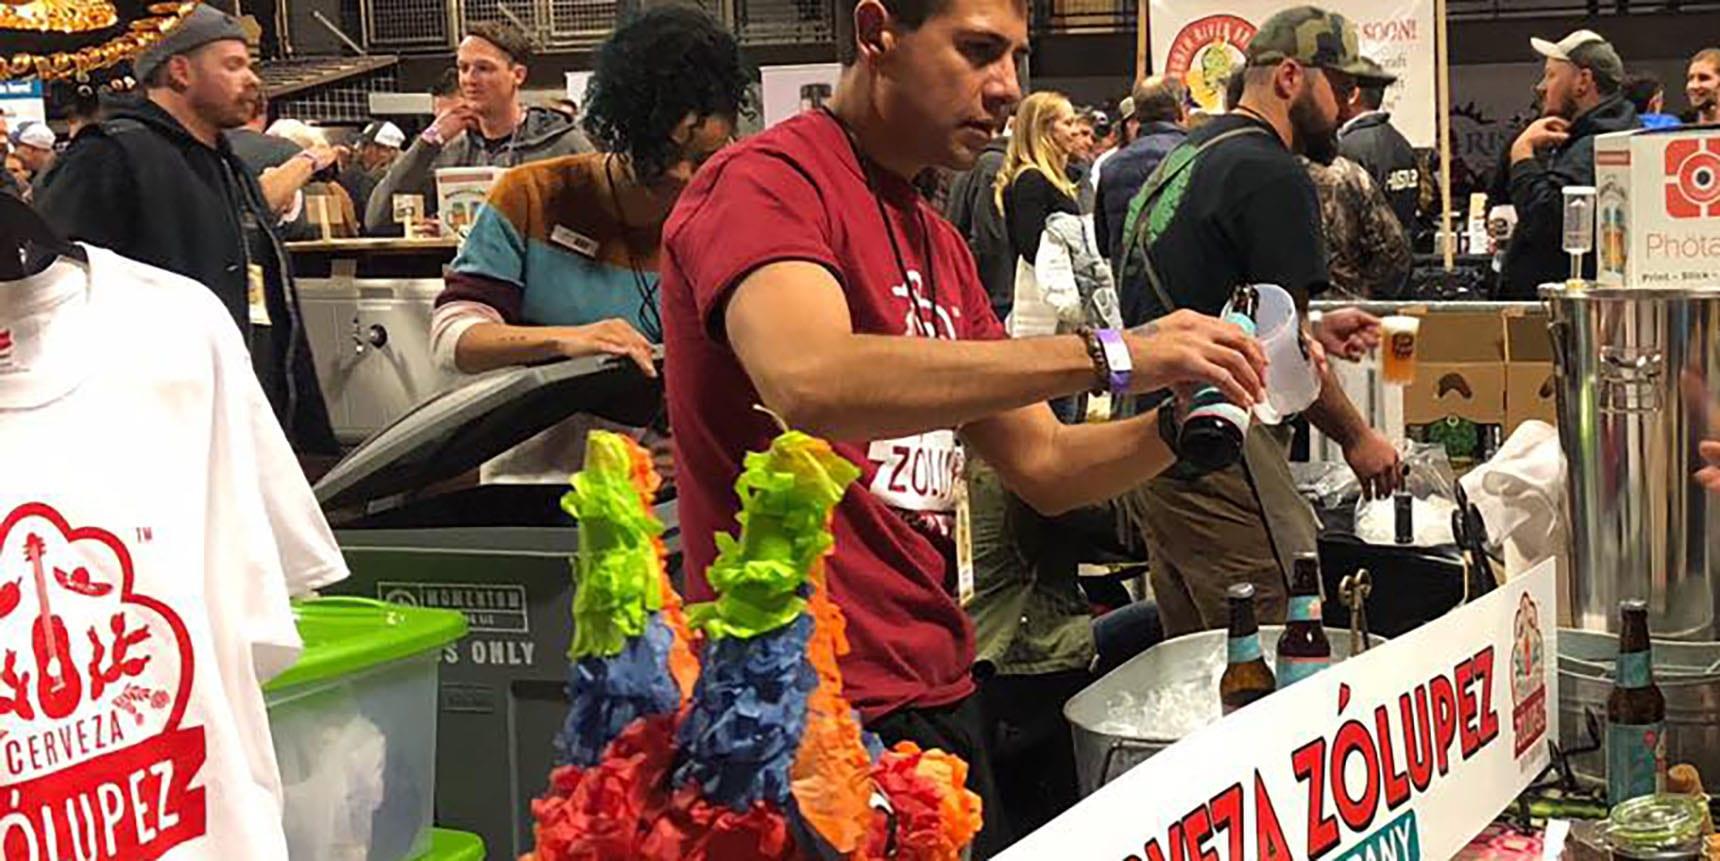 Cerveza Zólupez Beer Company - Festival - Credit-Zólupez